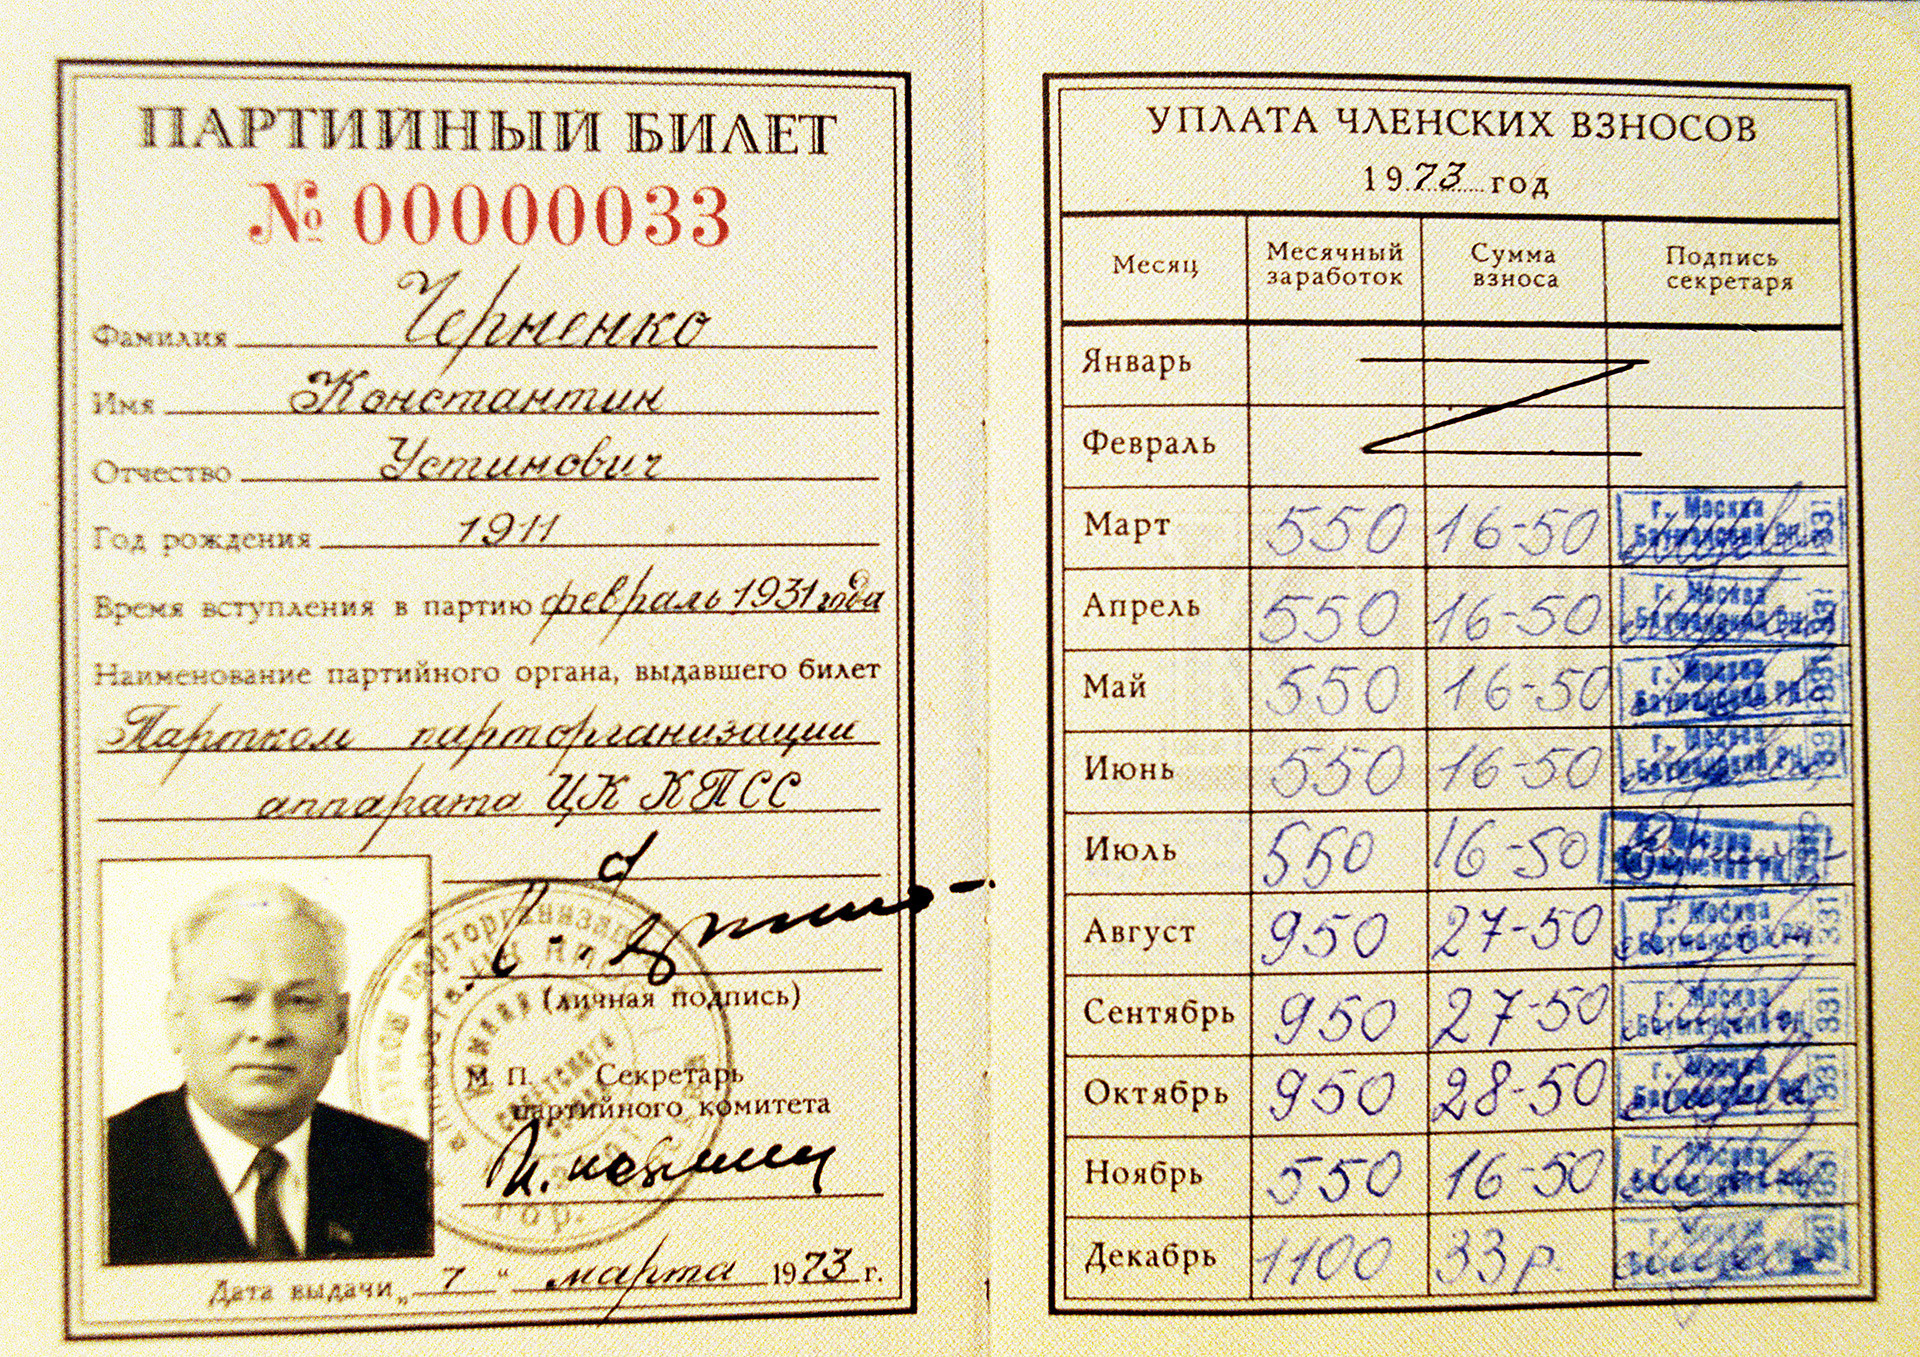 コンスタンティン・チェルネンコ、共産党の党員証